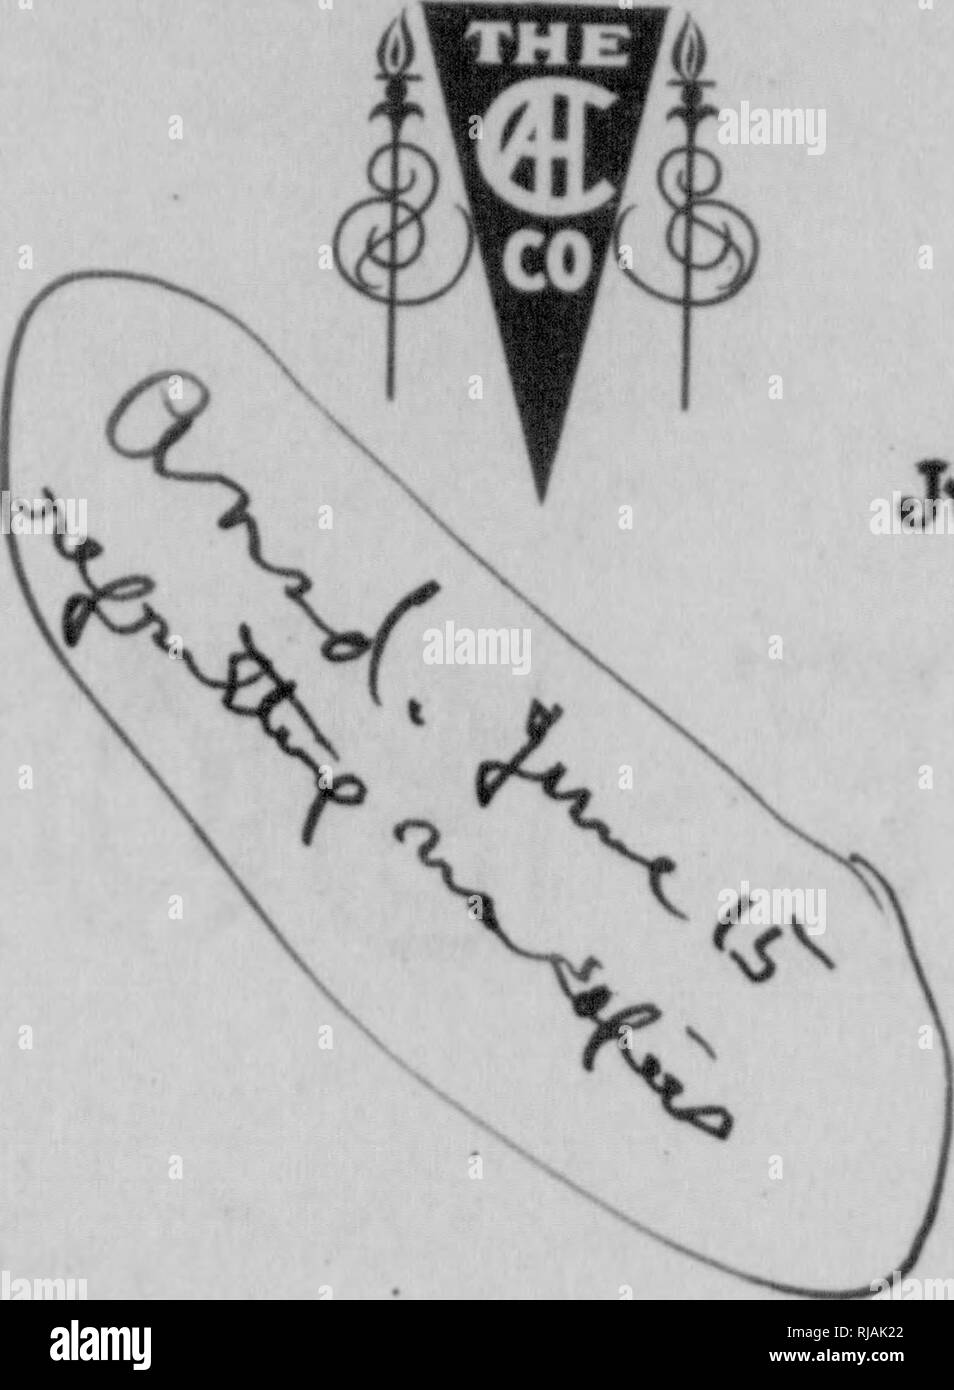 . C. Hart Merriam papers: y compris la correspondance, les documents se rapportant à l'orientation avec les États-Unis Biological Survey, 1798-1972 (en gros 1871-1942). United States. Division de l'ornithologie et mammalogie; United States. Division de l'enquête biologique; United States. Commission biologique; United States. Bureau de la Commission biologique; l'Enquête géologique et géographique des territoires (U. S. ); l'expédition Harriman en Alaska (1899); mer de Béring controverse; les ours; Biogéographie; histoire naturelle; ornithologie; botanique; zones de vie; la conservation de la faune. ≫Vri, LISHEOS Effcrts Coordonncs soient libraires importateurs e 4027-4037 Photo Stock